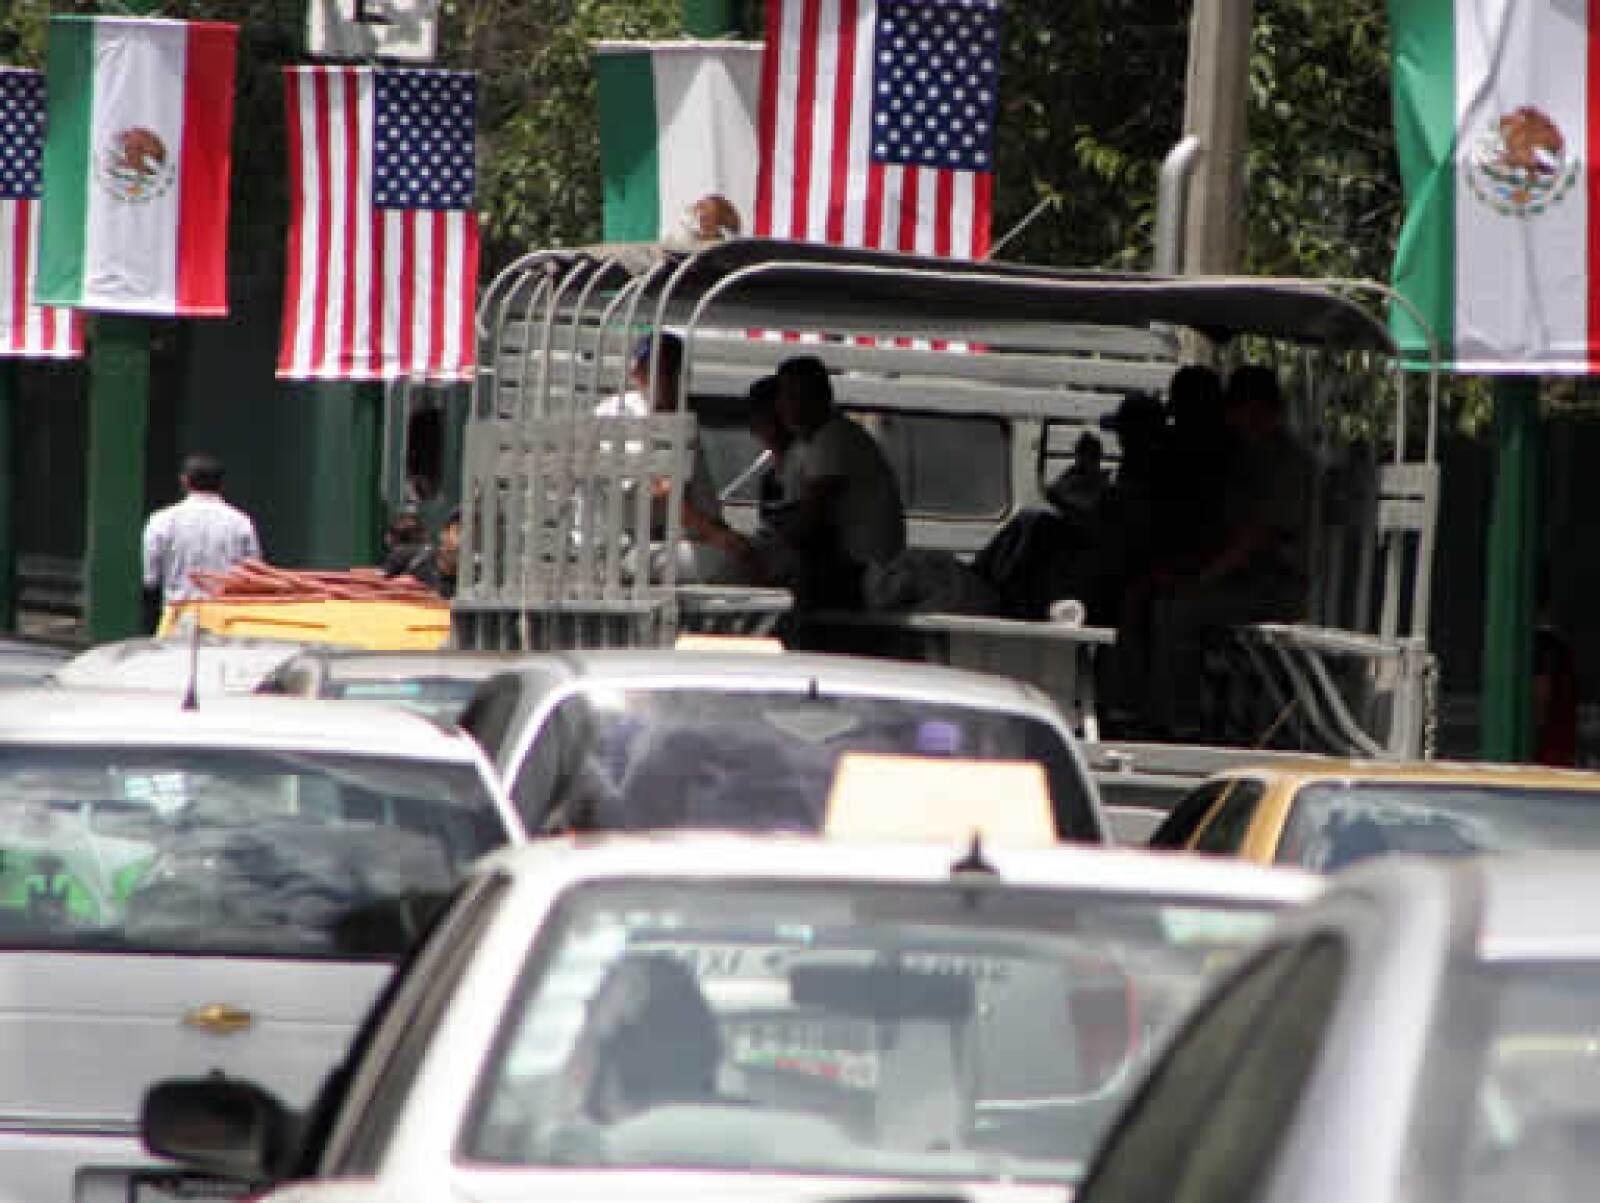 Las medidas se seguridad afectan a las zonas de Chapultepec, Polanco y Los Pinos. Las autoridades de aeronáutica civil prohibieron desde las 7:30 horas los sobrevuelos de todo tipo de helicópteros en la ciudad.